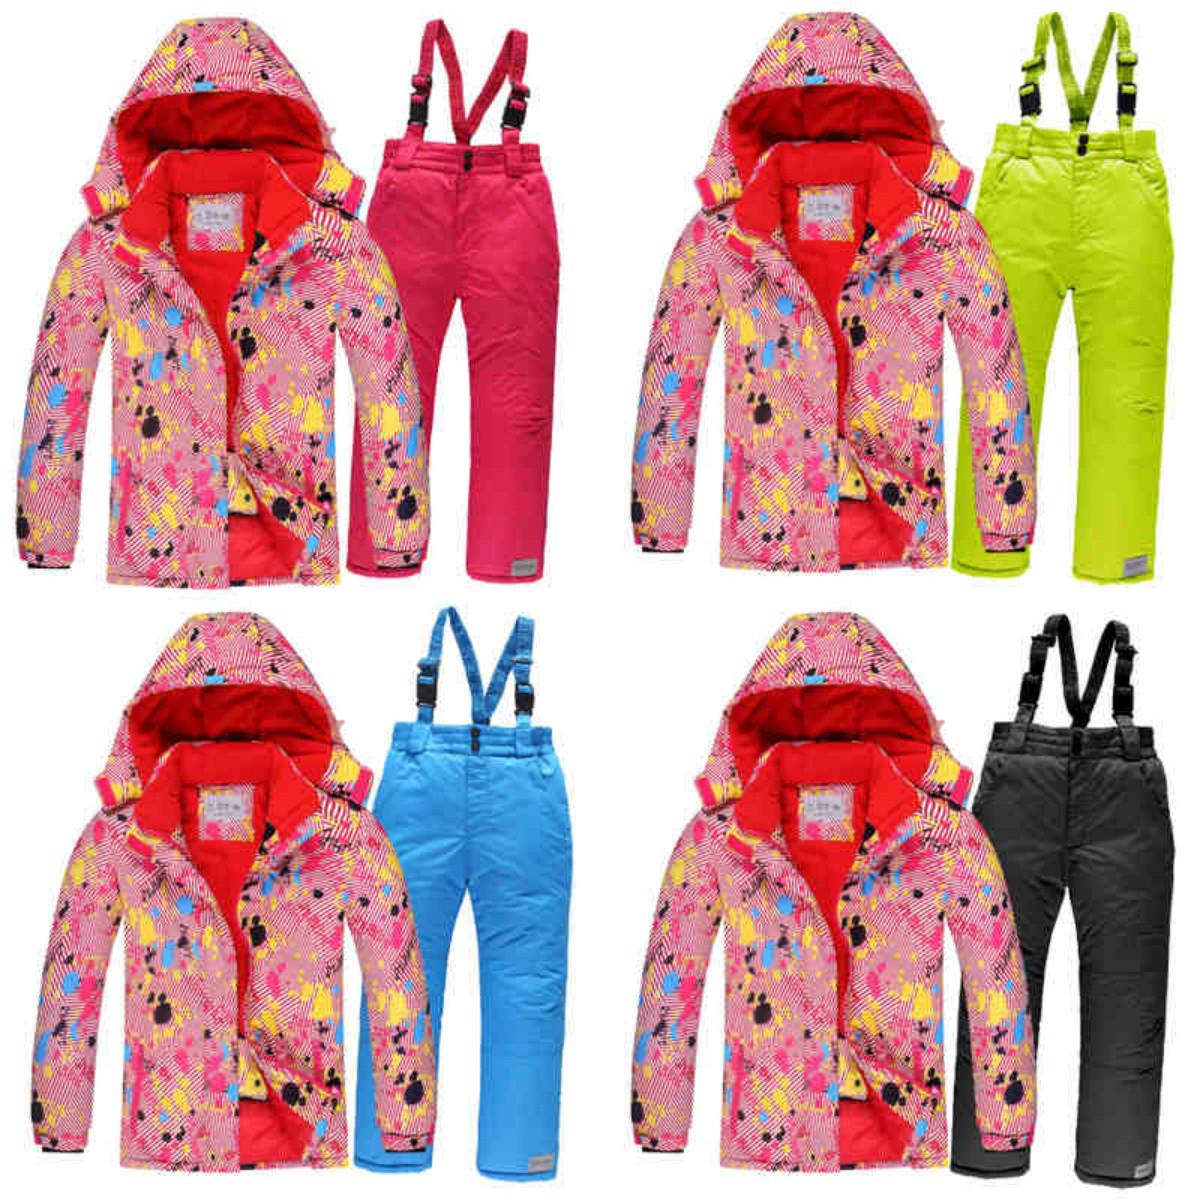 Лыжный костюм для взрослых #4 - 4 варианта